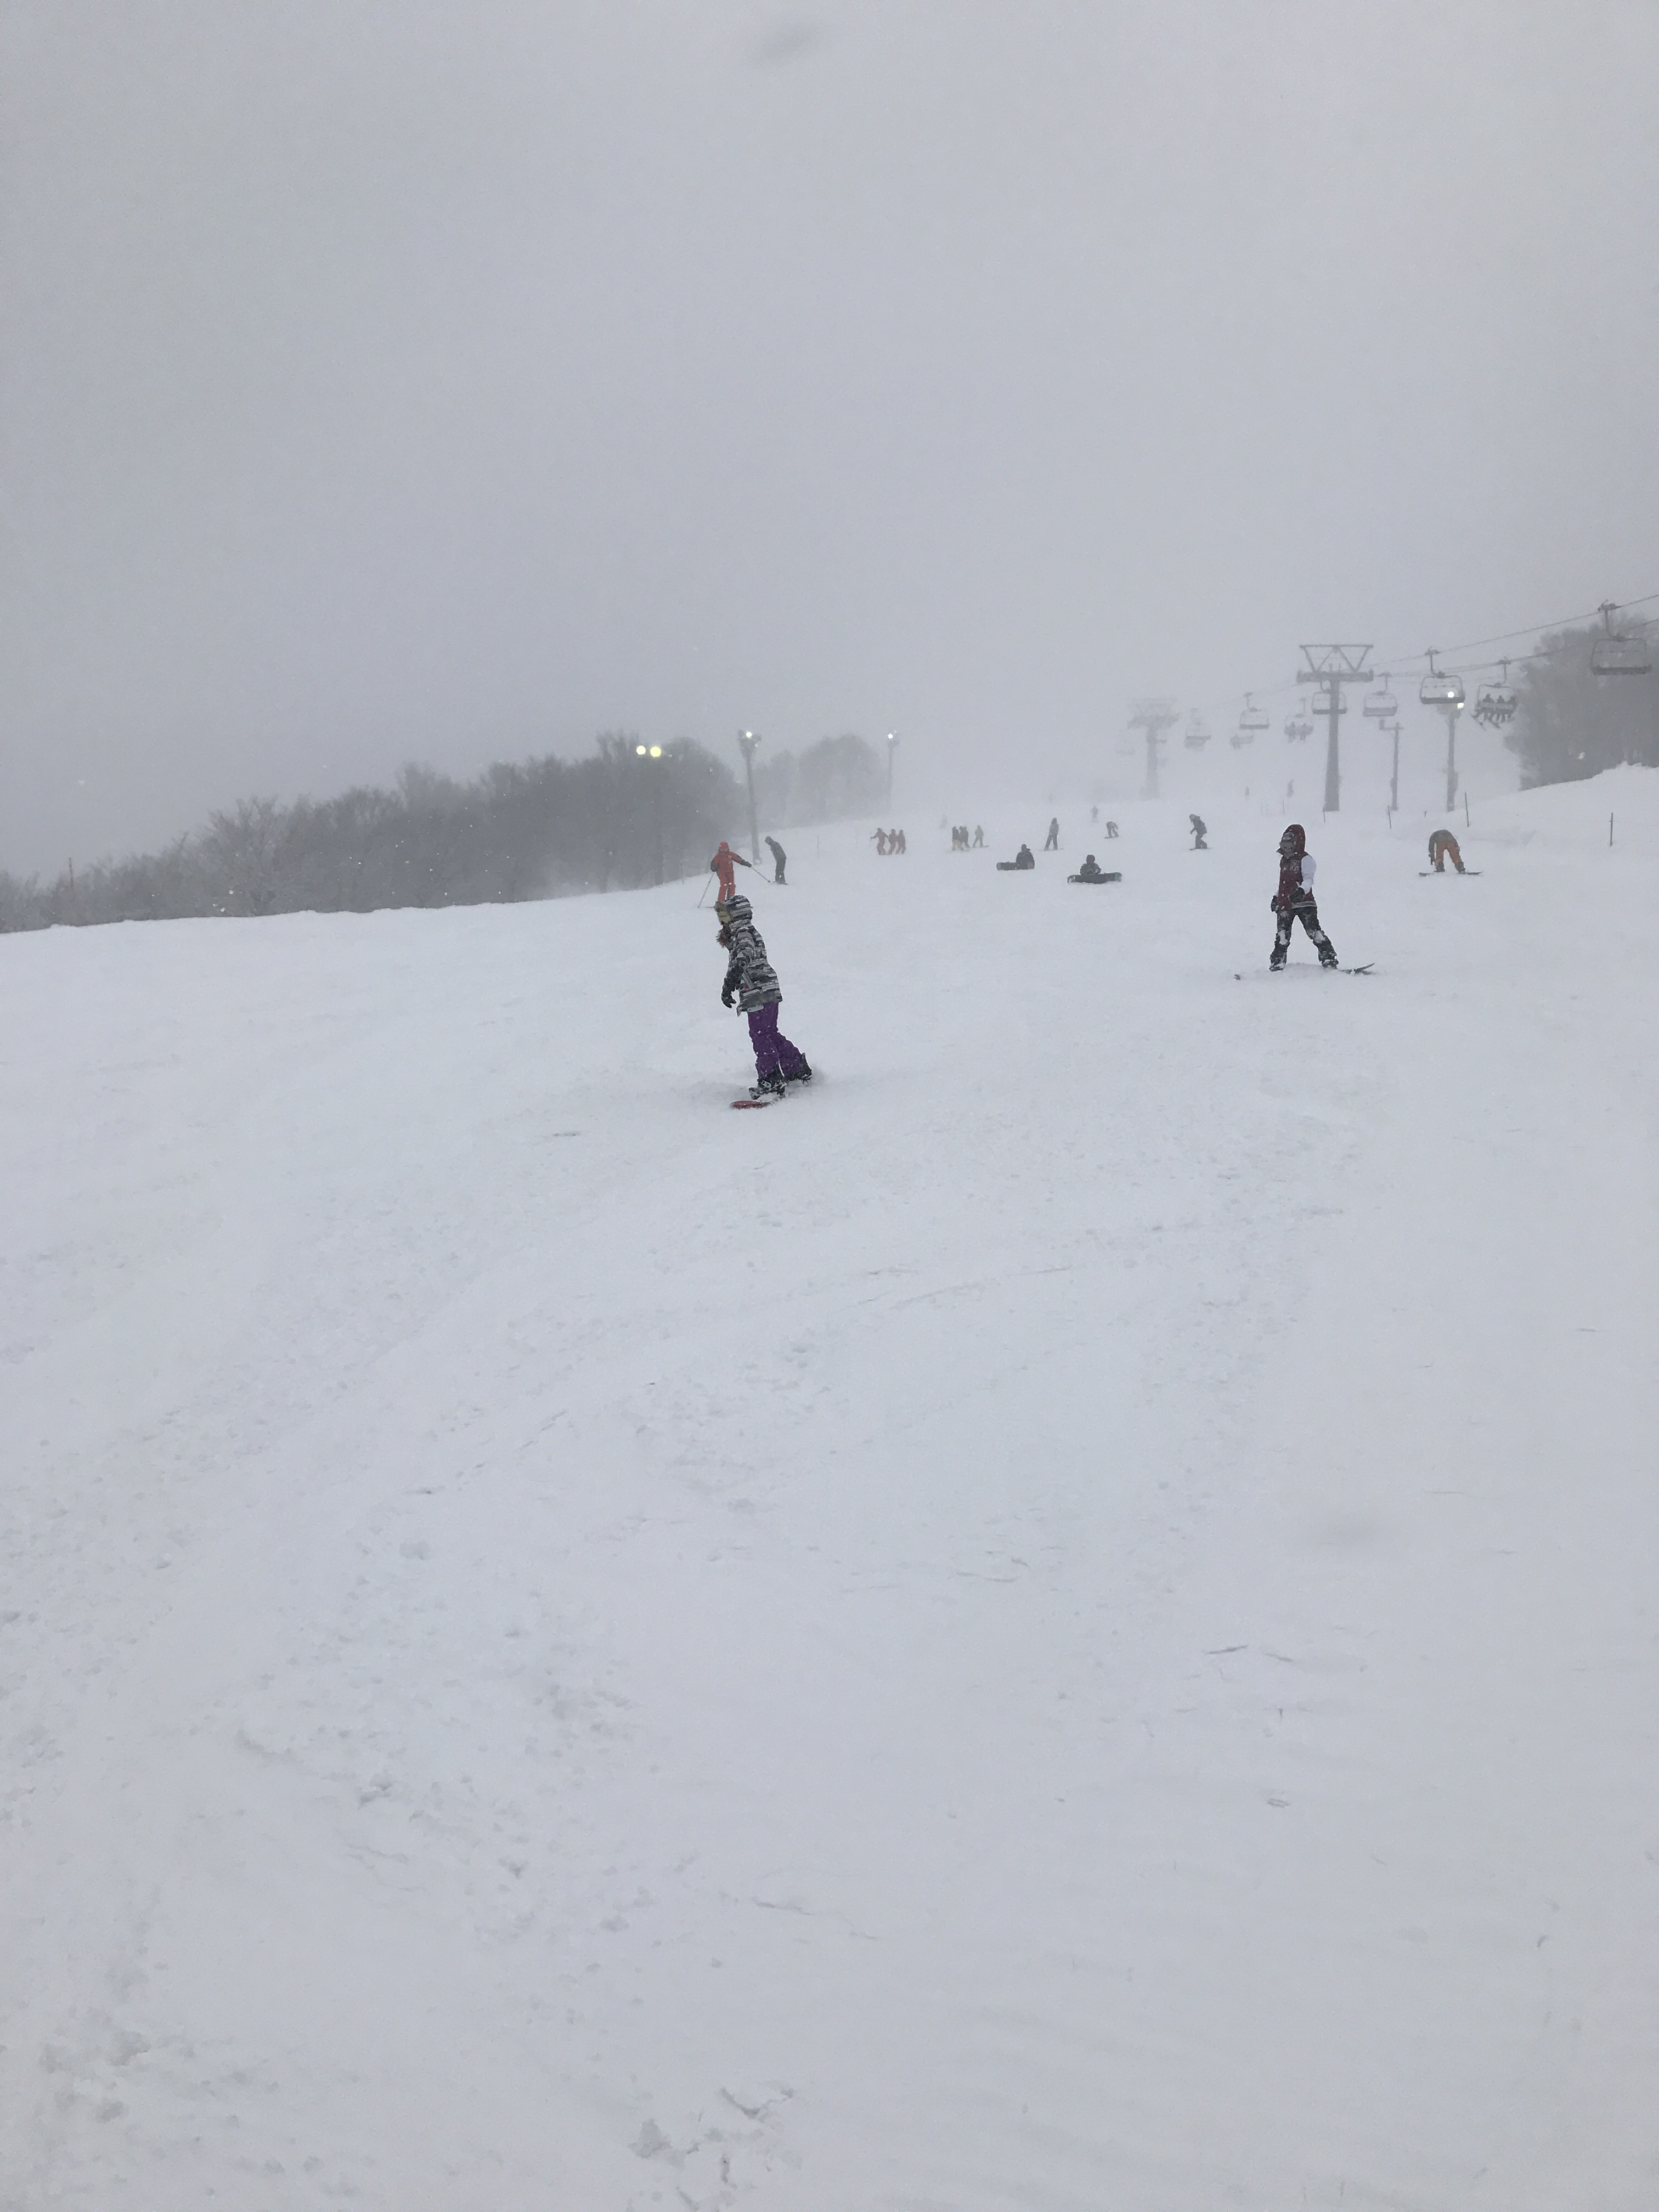 志賀高原がとてもいい感じで滑れ楽しめるスノーボードスポットだった